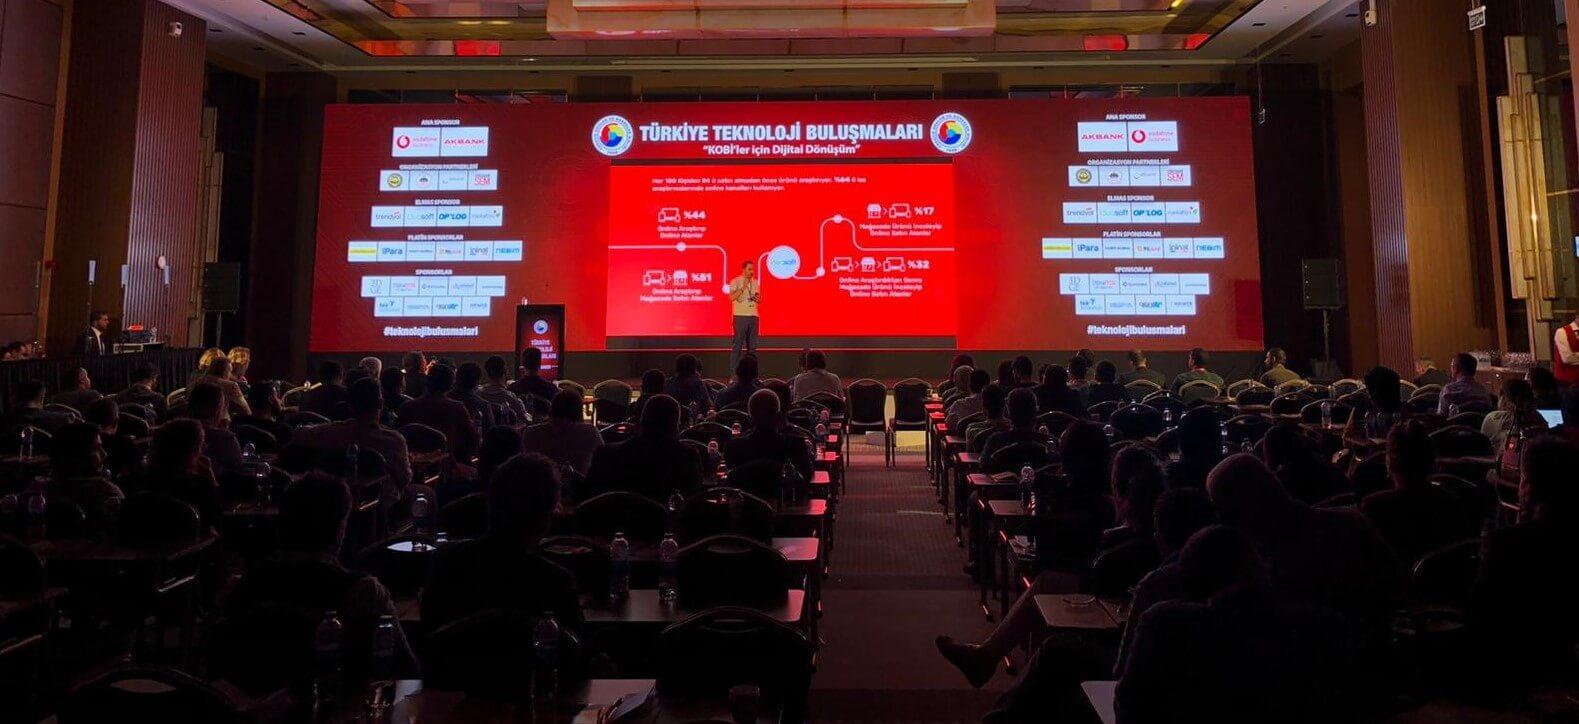 Türkiye Teknoloji Buluşmaları Diyarbakır'da E-ticaret İlgililerini Ağırladı